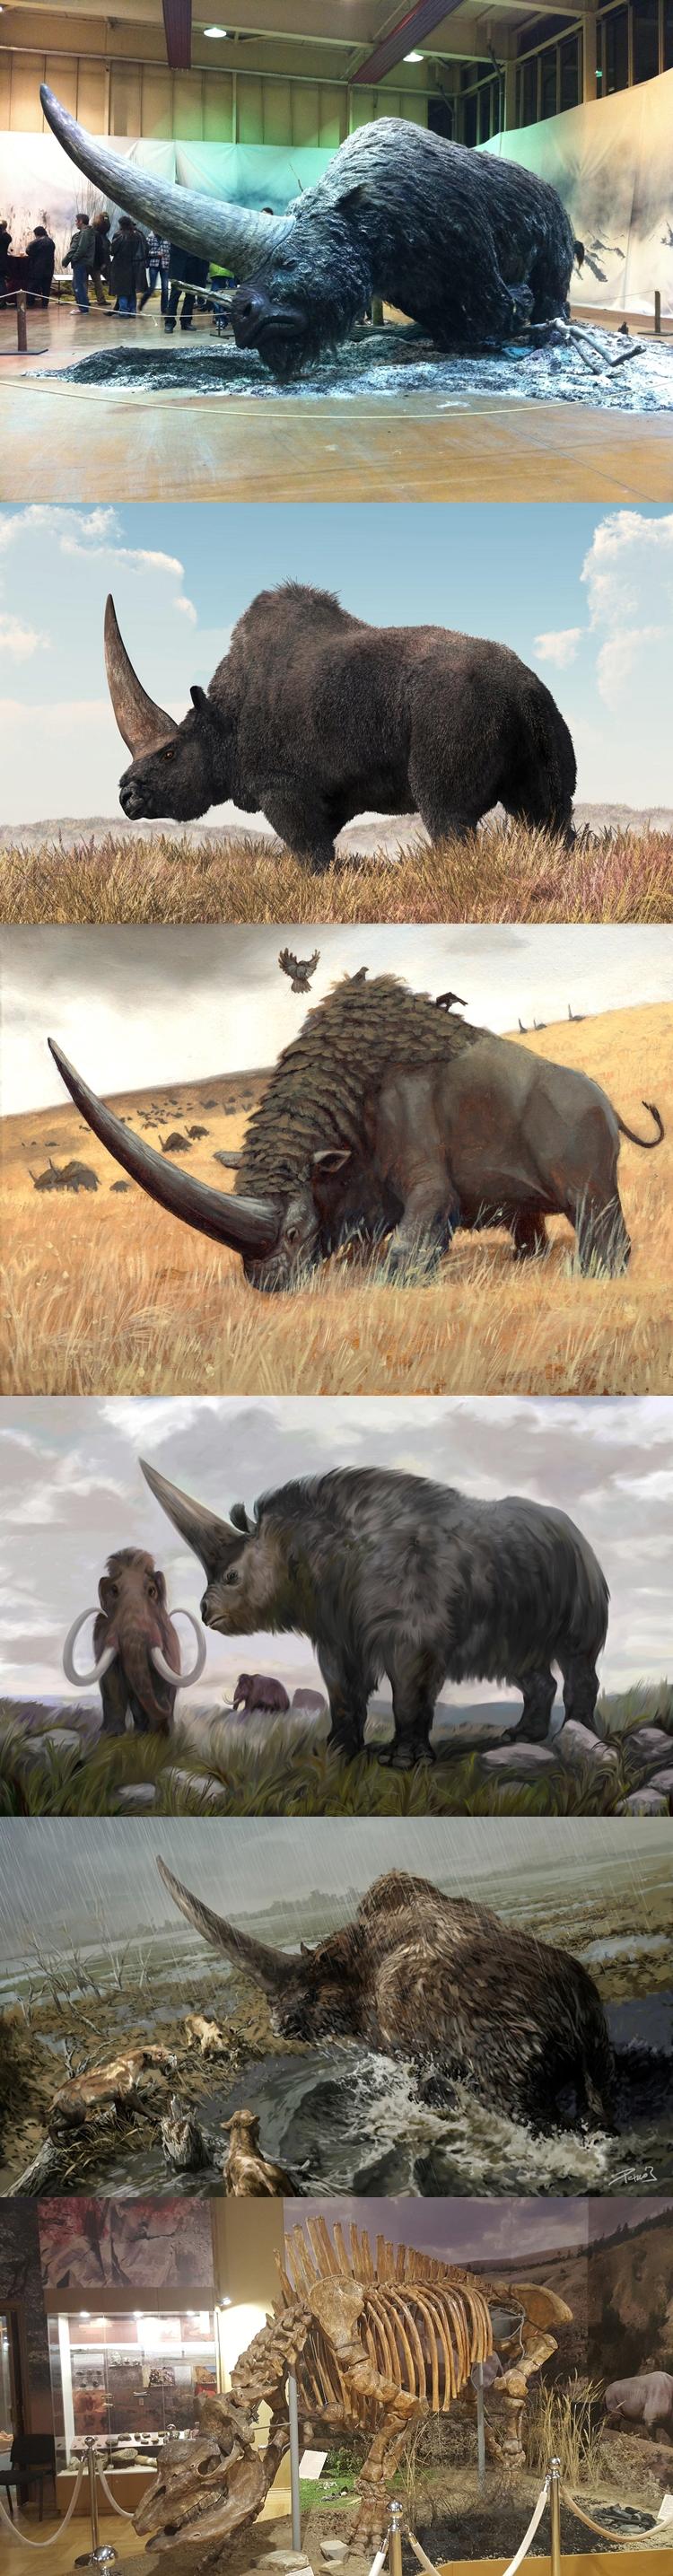 약 39,000년 전에 멸종한 엘라스모테리움